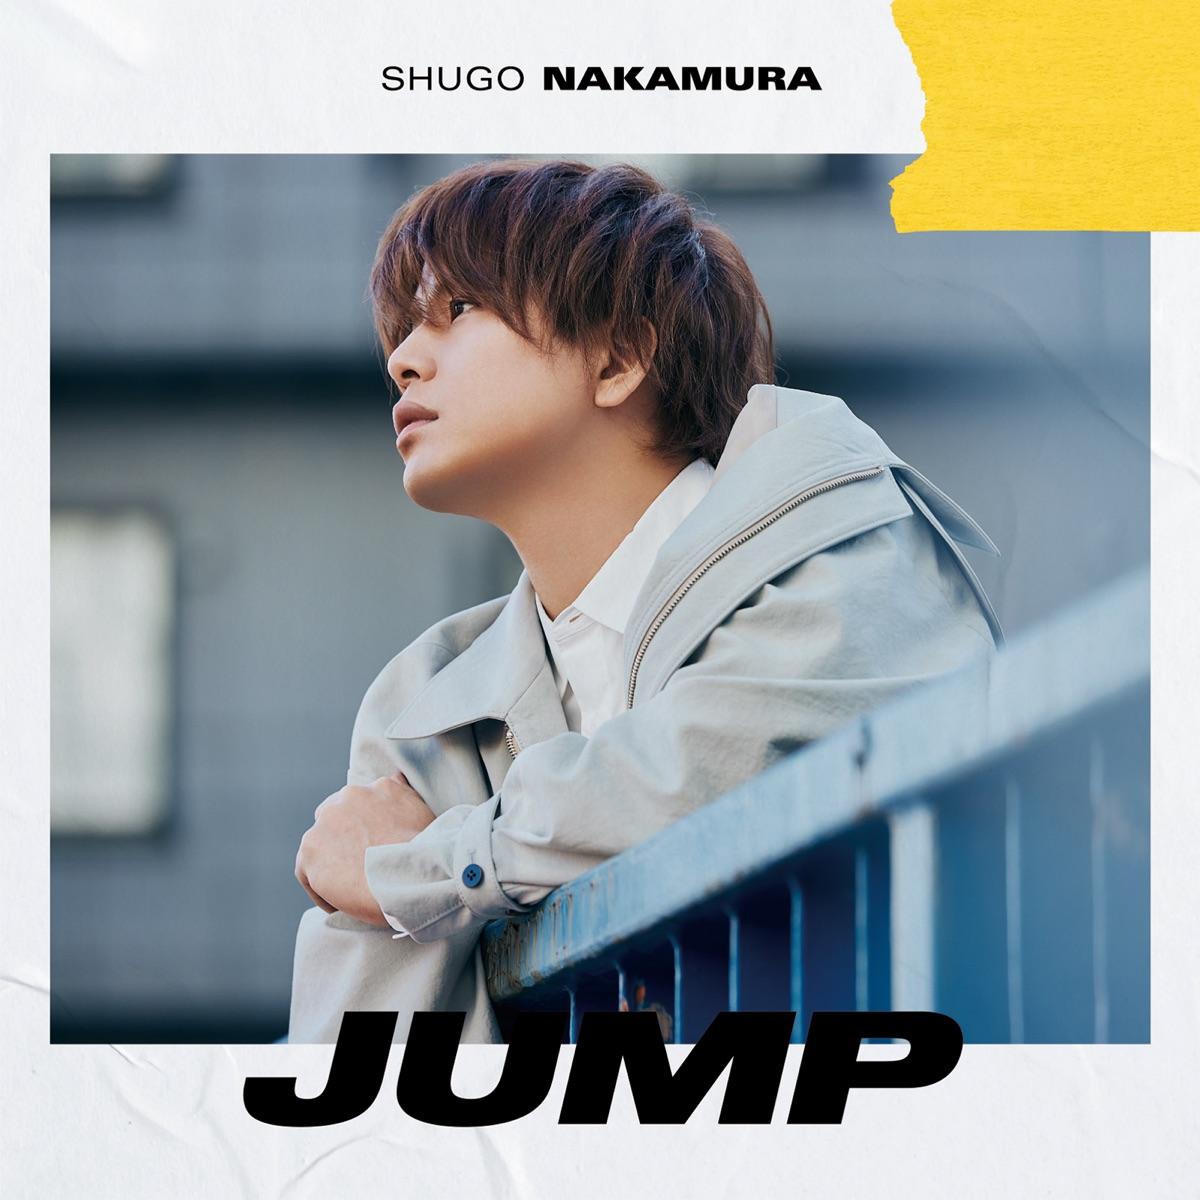 『仲村宗悟 - JUMP』収録の『JUMP』ジャケット